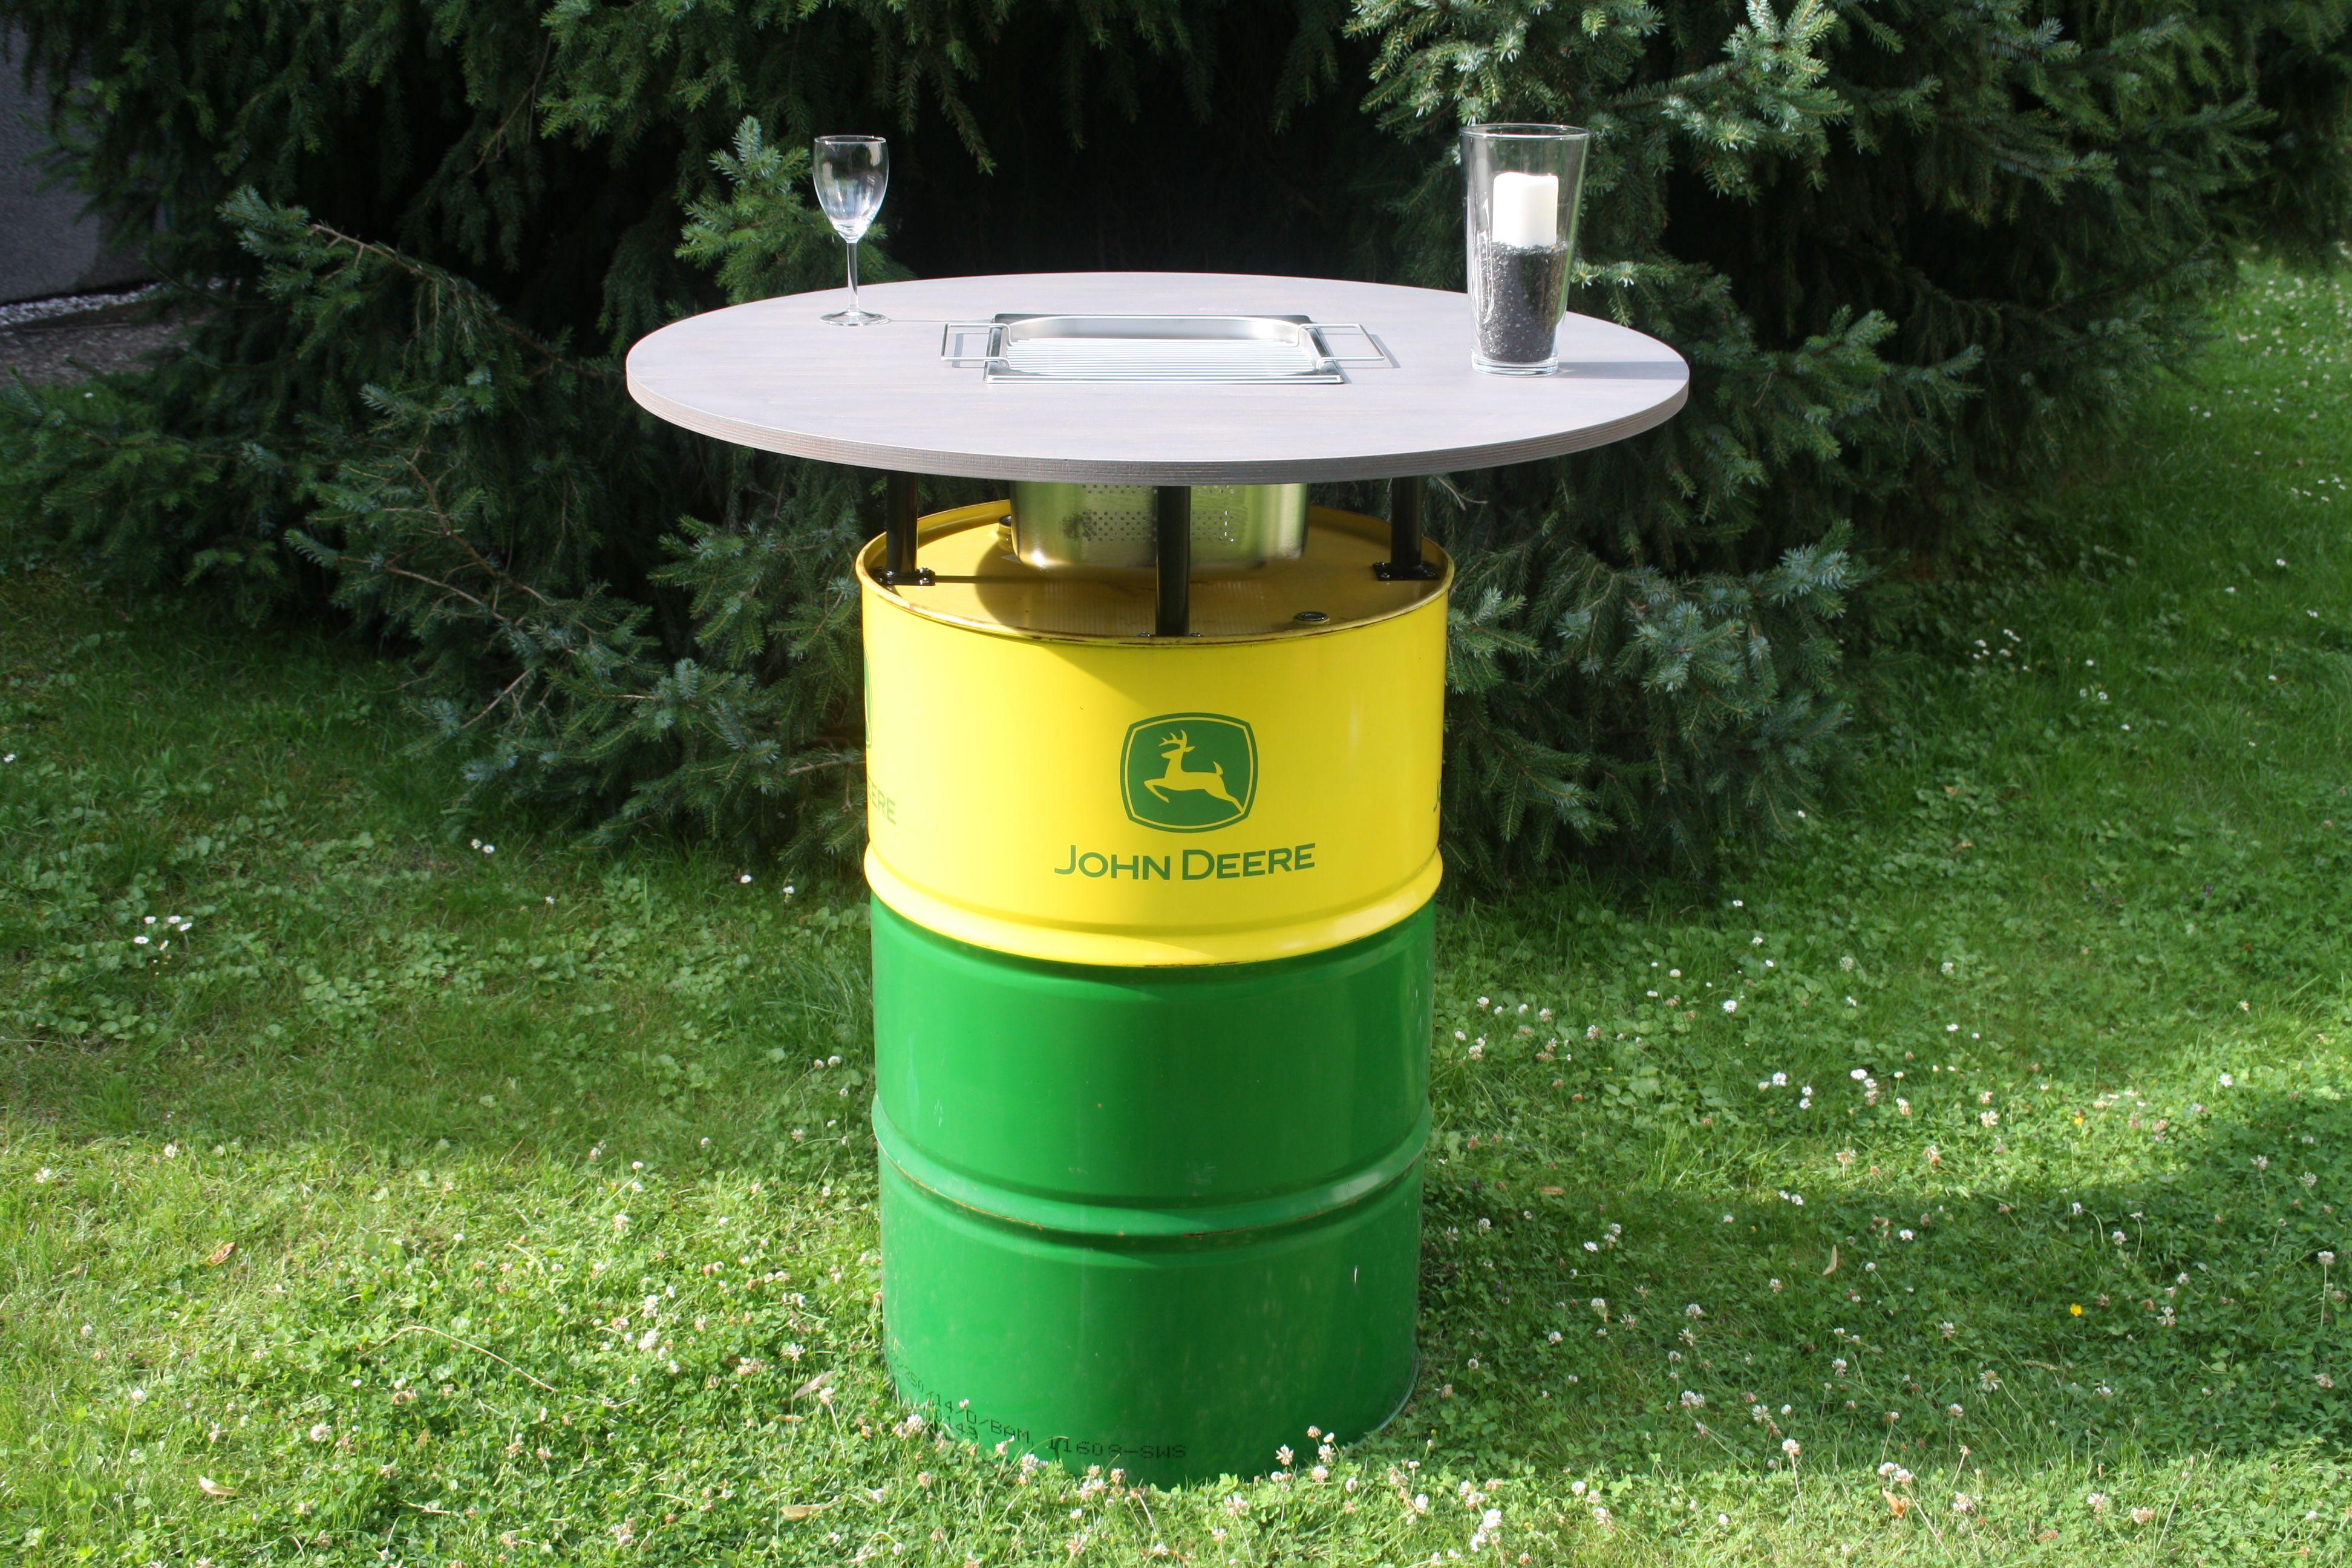 Outdoorküche Garten Edelstahl Obi : Outdoor küche selber bauen garten einbau gasgrill